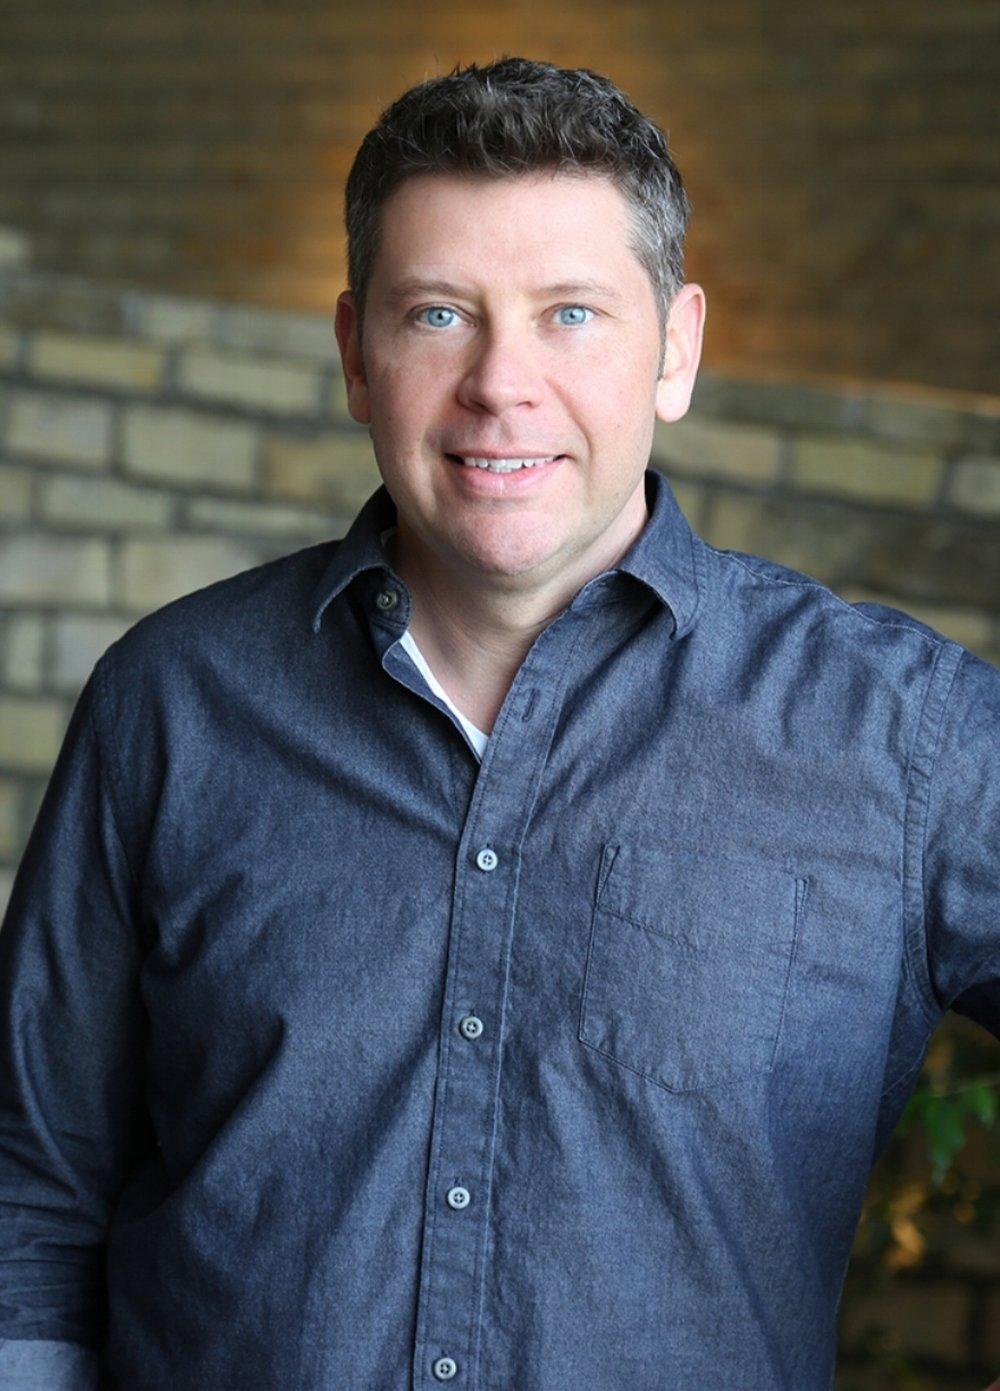 John Orosco, CTO